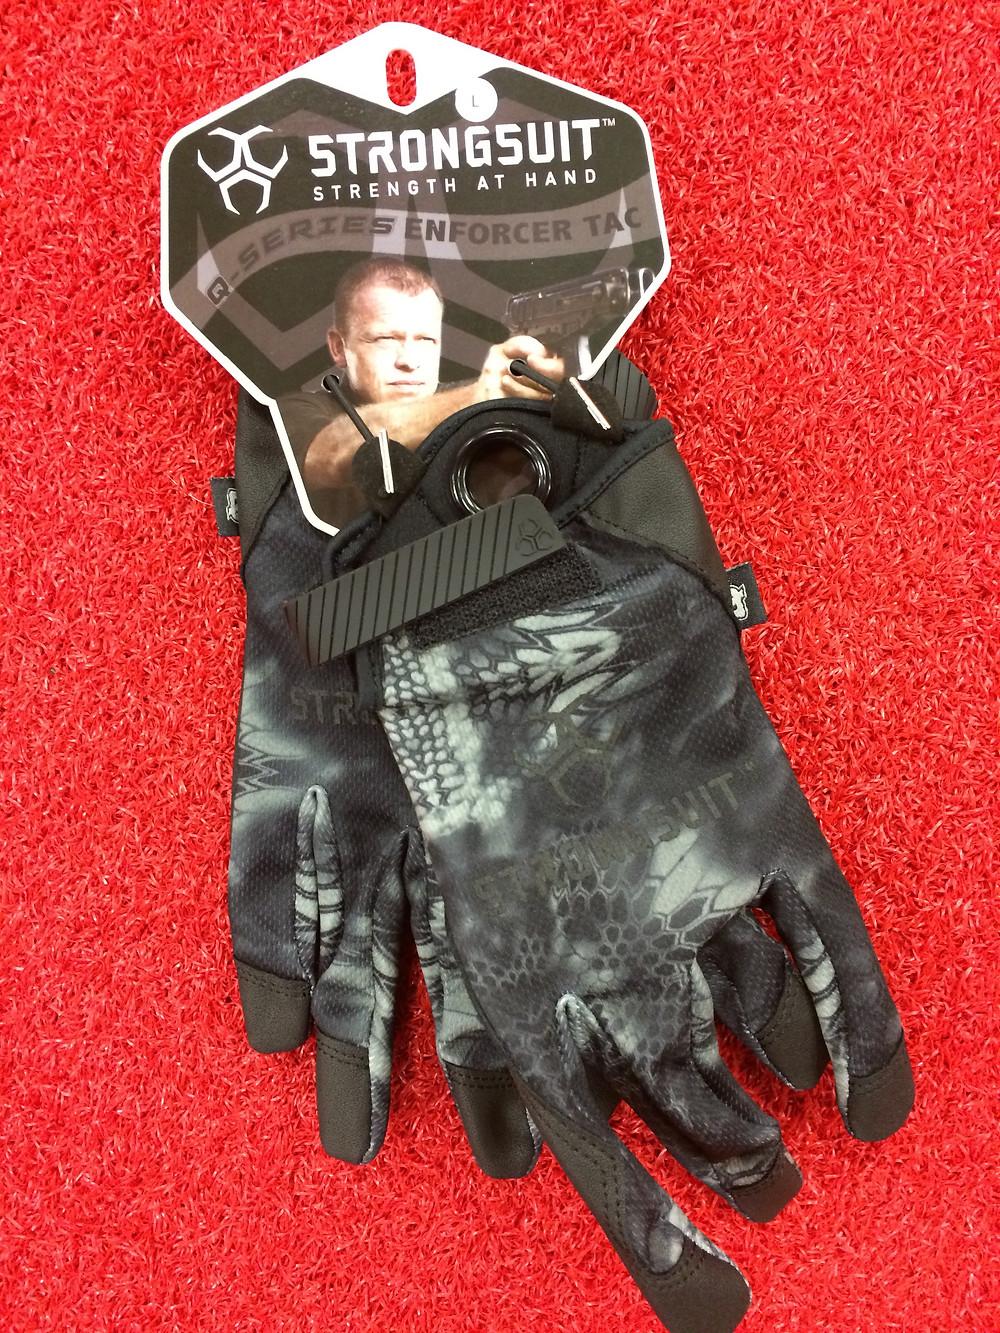 StrongSuit gloves